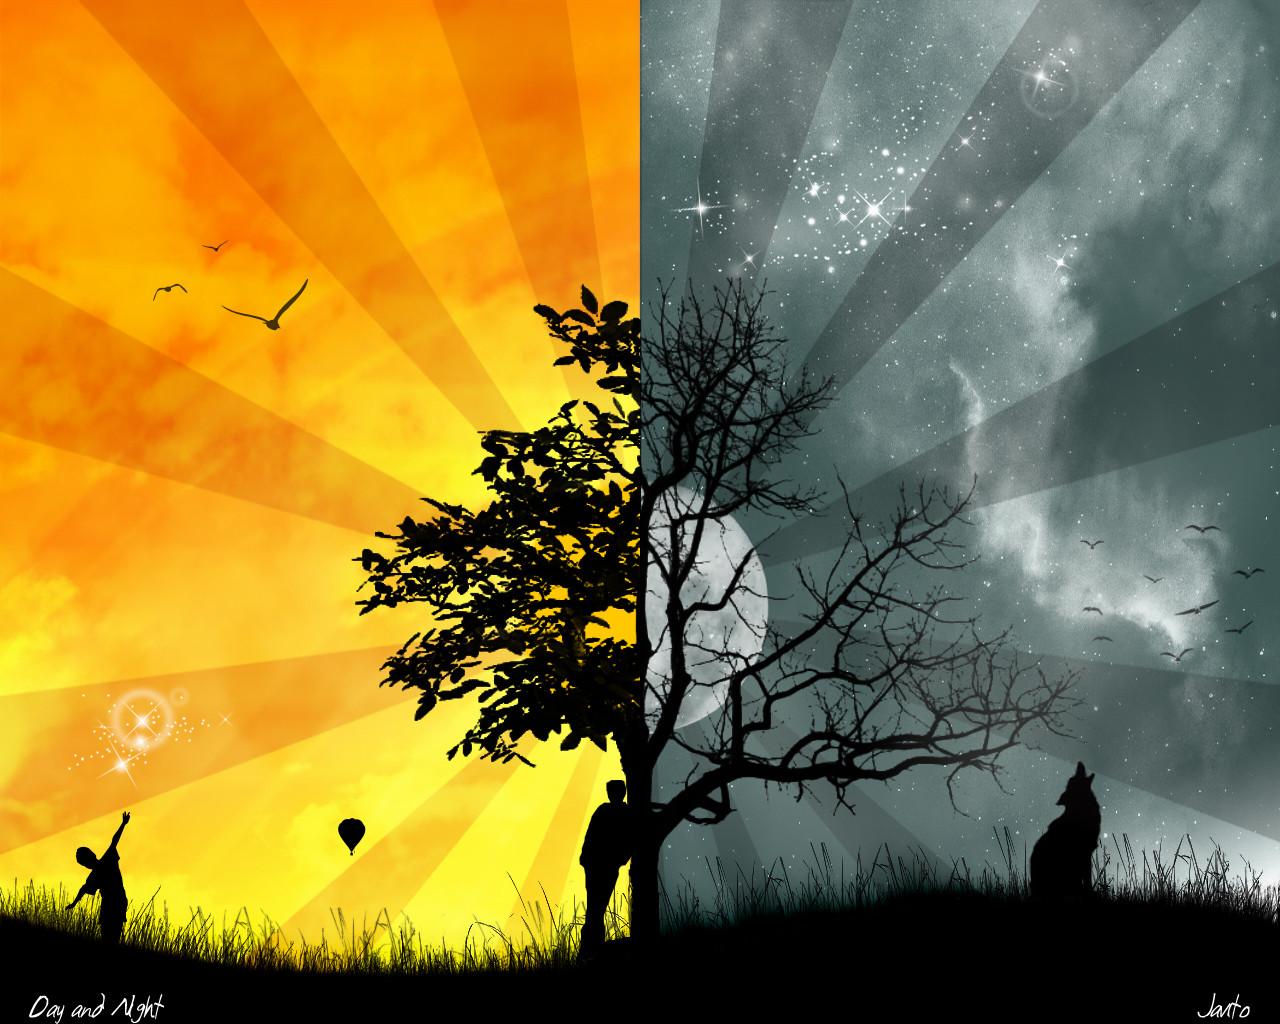 http://4.bp.blogspot.com/-sgKsGNwBqW8/UEopOpVzHlI/AAAAAAAABNM/RL7gFBydhVk/s1600/wallpaper+keren+7.jpg